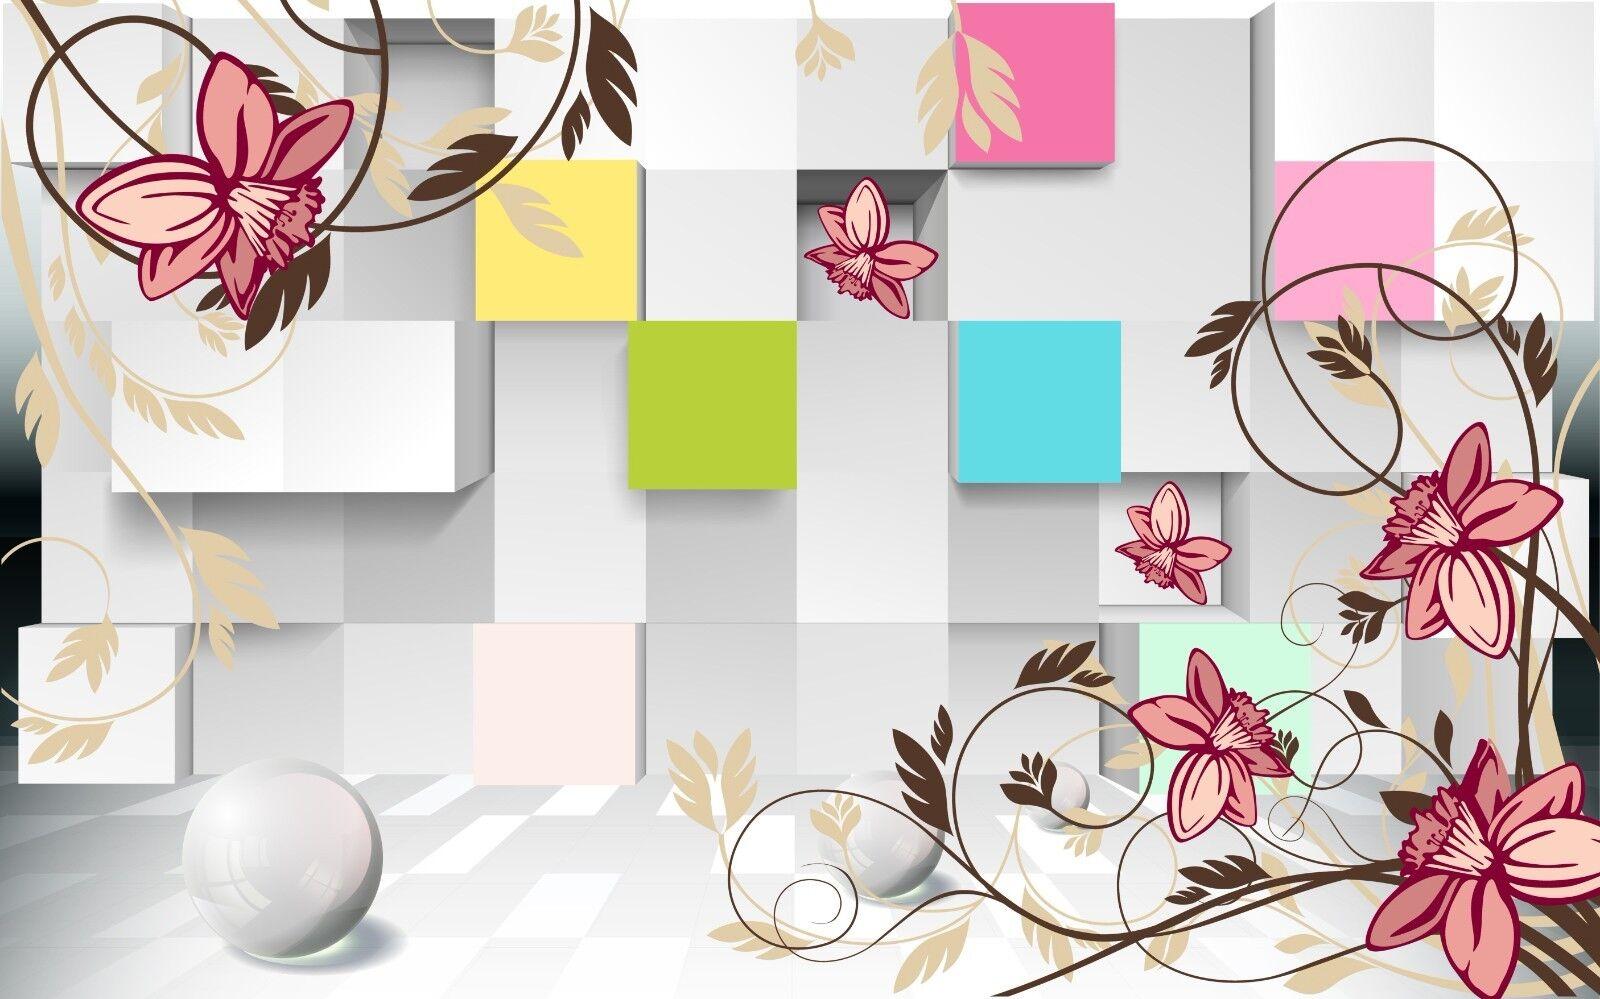 3D Farbiges Farbiges Farbiges Raum Blaume 7683 Tapete Wandgemälde Tapeten Bild Familie DE Jenny | Bekannt für seine schöne Qualität  | Hervorragende Eigenschaften  | Angenehmes Aussehen  c7bfca